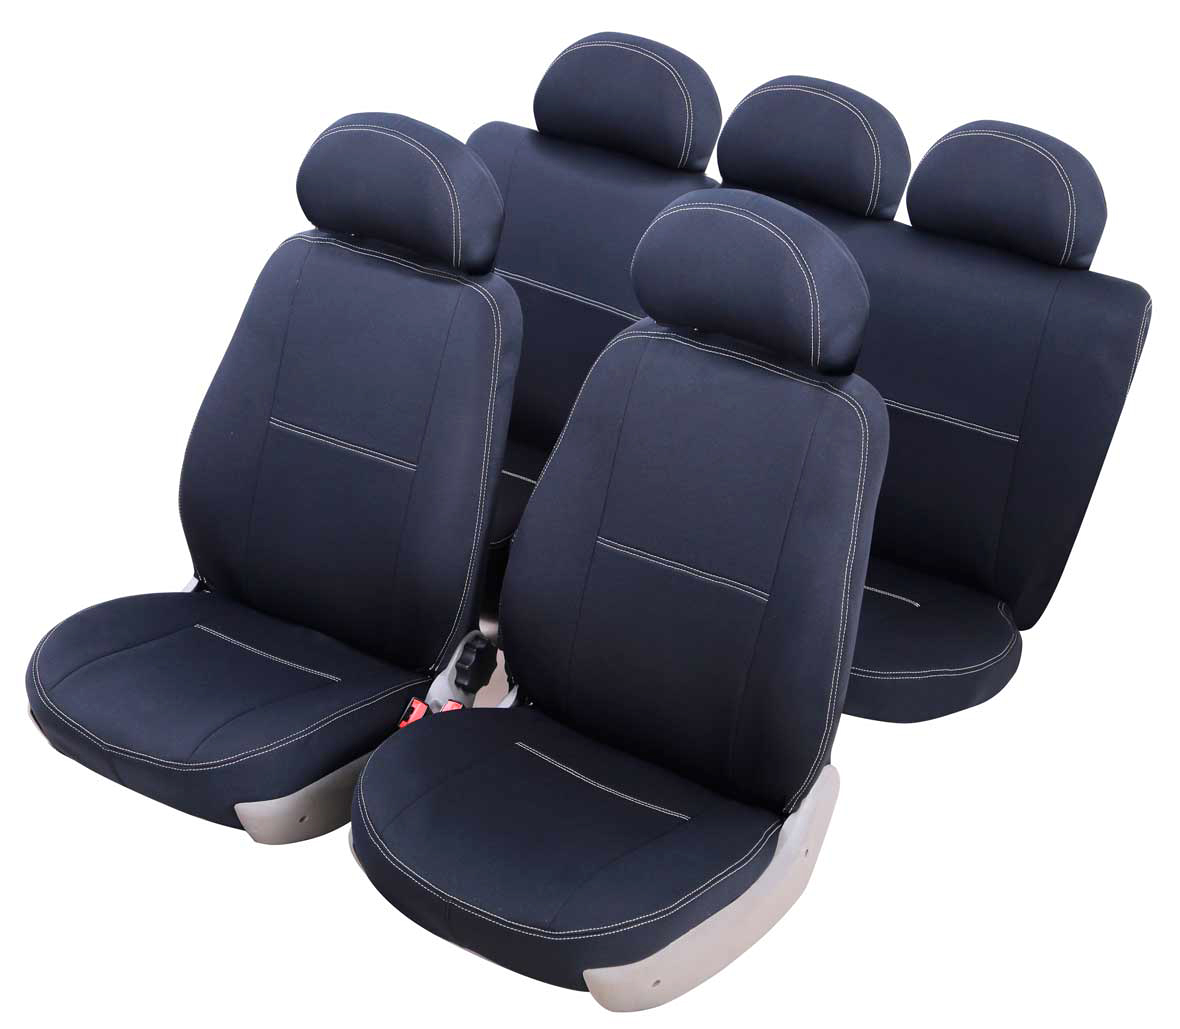 Чехол на автокресло Azard Standard, для Chevrolet Lacetti (2004-2013 гг)98298123_черныйМодельные чехлы из полиэстера Azard Standard. Разработаны в РФ индивидуально для каждого автомобиля.Чехлы Azard Standard серийно выпускаются на собственном швейном производстве в России.Чехлы идеально повторяют штатную форму сидений и выглядят как оригинальная обивка сидений. Для простоты установки используется липучка Velcro, учтены все технологические отверстия.Чехлы сохраняют полную функциональность салона – трасформация сидений, возможность установки детских кресел ISOFIX, не препятствуют работе подушек безопасности AIRBAG и подогрева сидений.Дизайн чехлов Azard Standard приближен к оригинальной обивке салона. Декоративная контрастная прострочка по периметру авточехлов придает стильный и изысканный внешний вид интерьеру автомобиля.Чехлы Azard Standard изготовлены из полиэстера, триплированного огнеупорным поролоном толщиной 3 мм, за счет чего чехол приобретает дополнительную мягкость. Подложка из спандбонда сохраняет свойства поролона и предотвращает его разрушение.Авточехлы Azard Standard просты в уходе – загрязнения легко удаляются влажной тканью.